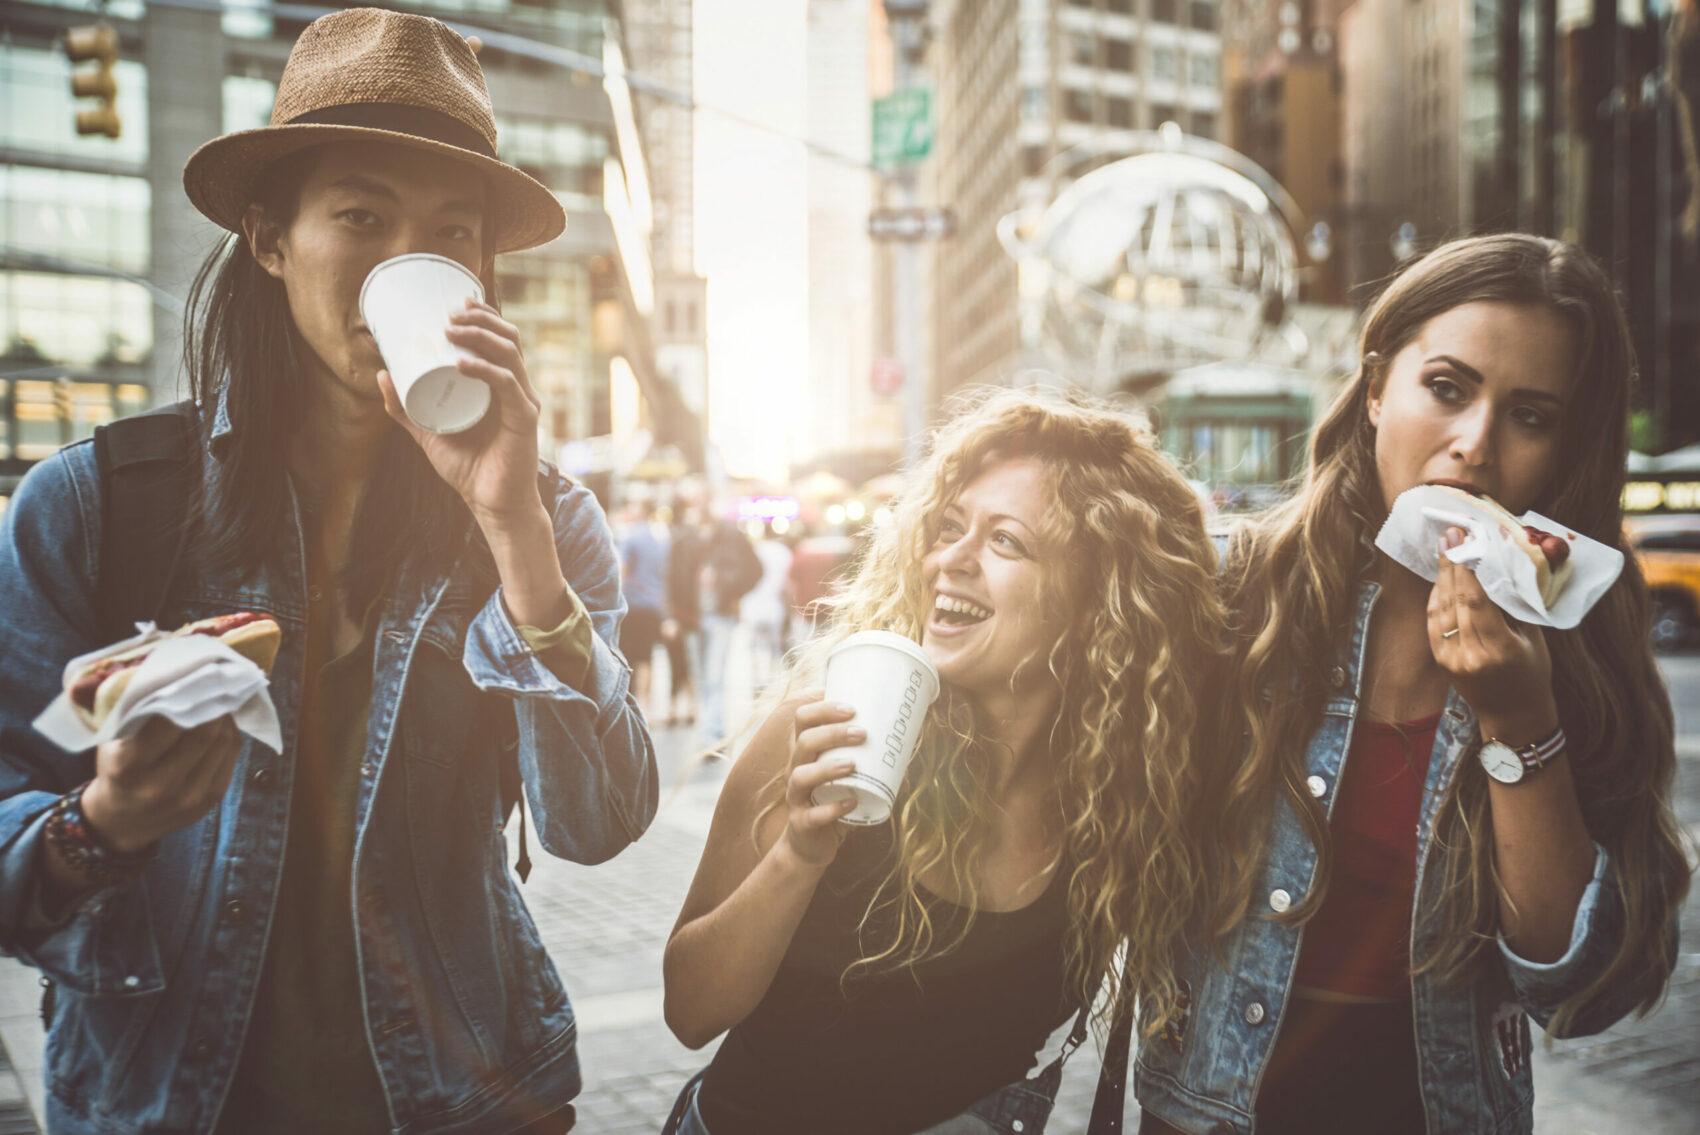 Group of Gen Z friends having fun in New York